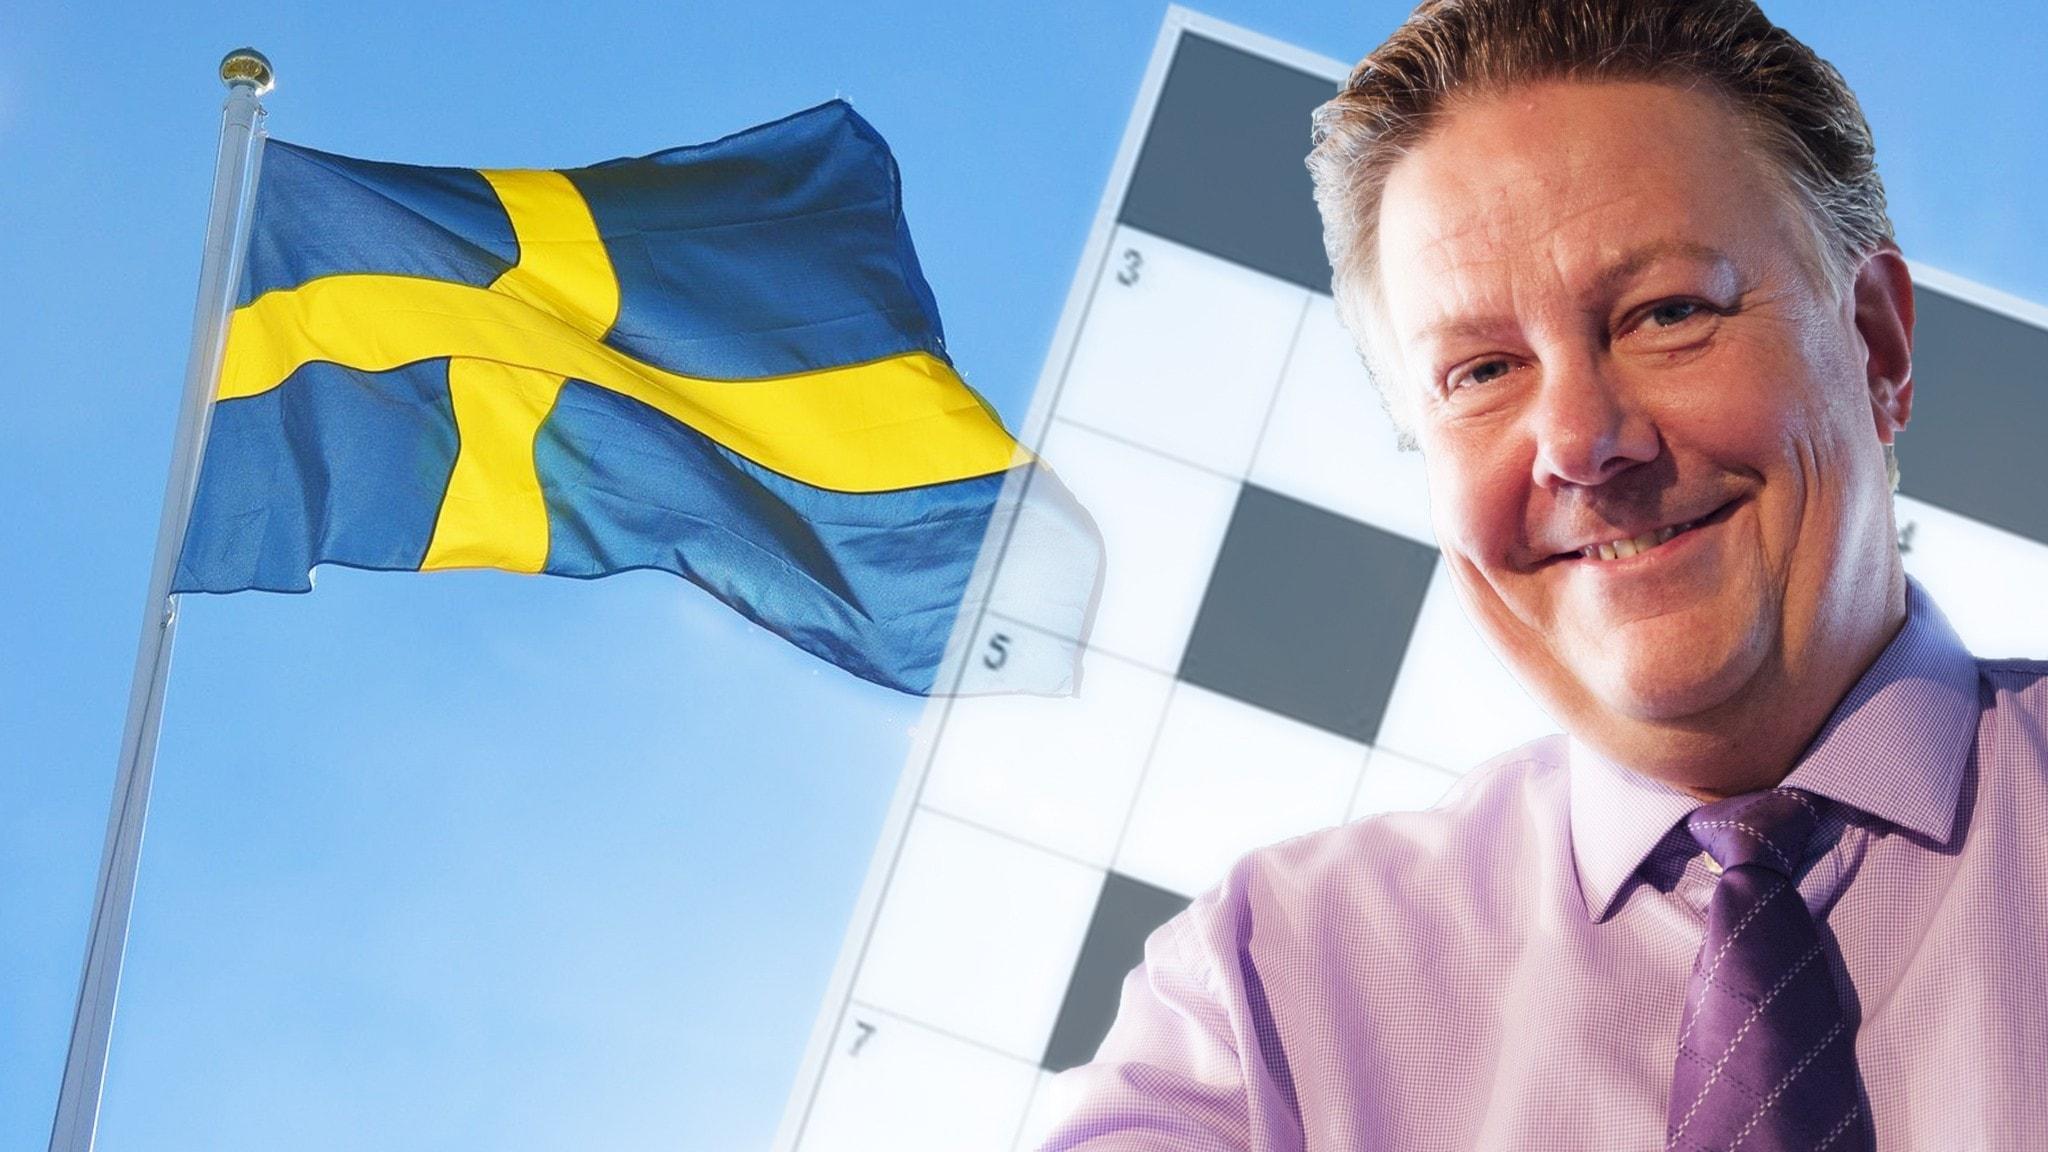 Fira Nationaldagen 6 juni med Melodikrysset och Anders Eldeman Foto Alexander Donka Sveriges Radio